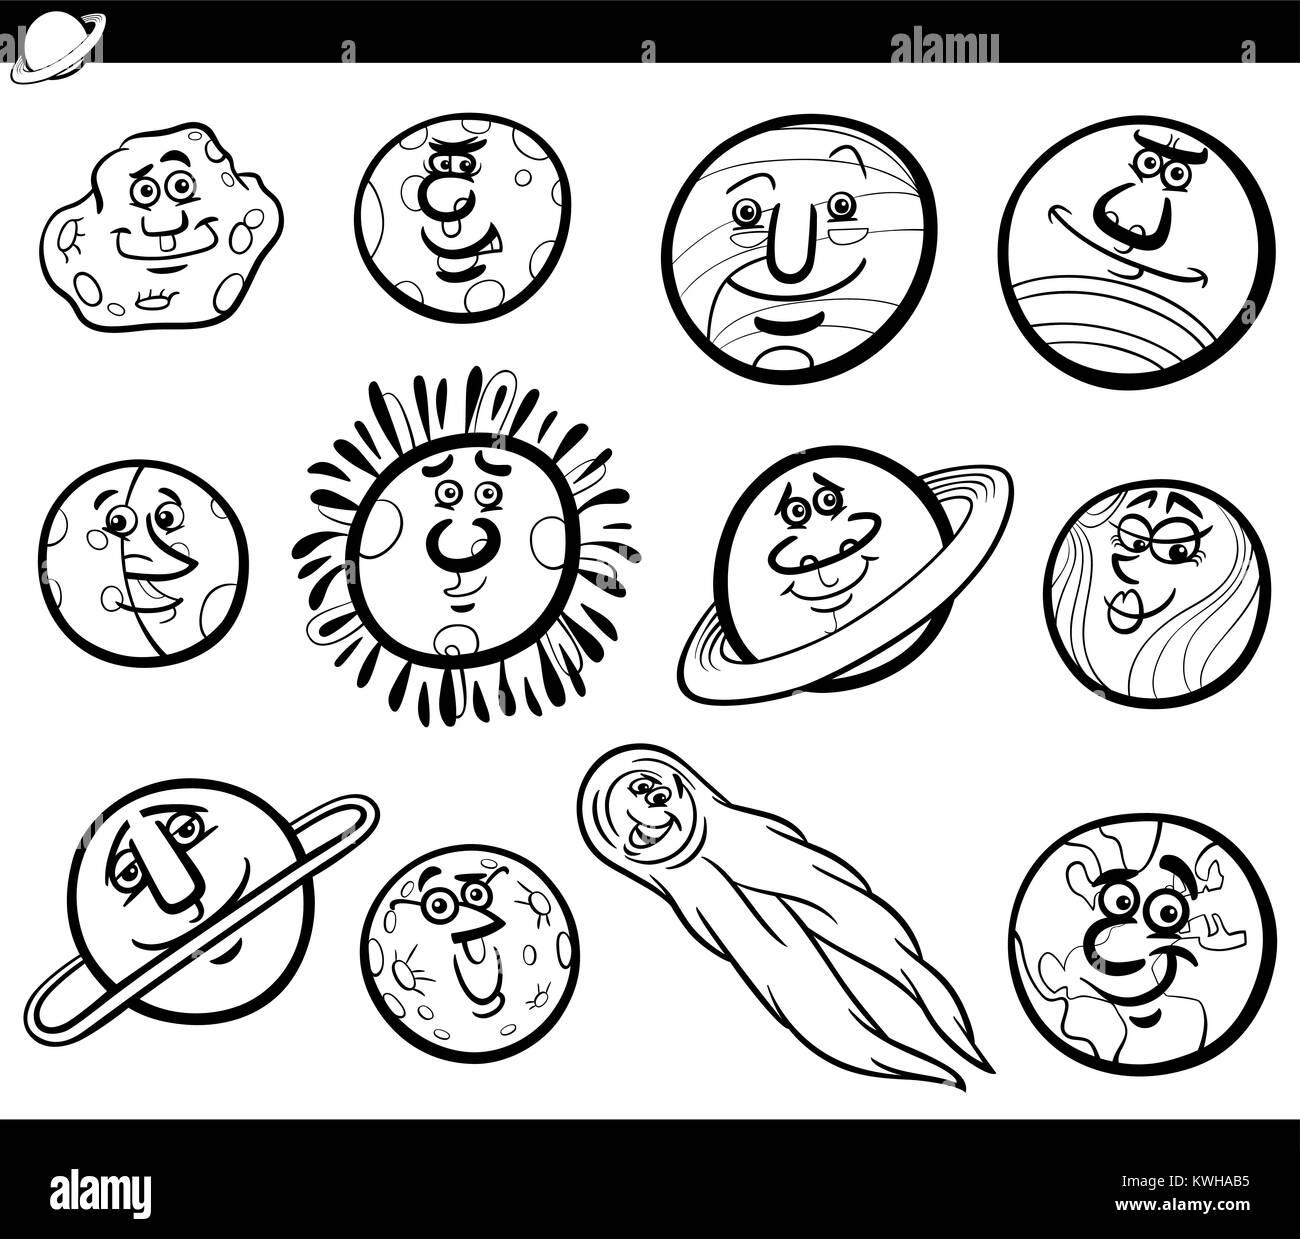 Bianco E Nero Cartoon Illustrazione Di Divertenti Orbs E Dei Pianeti